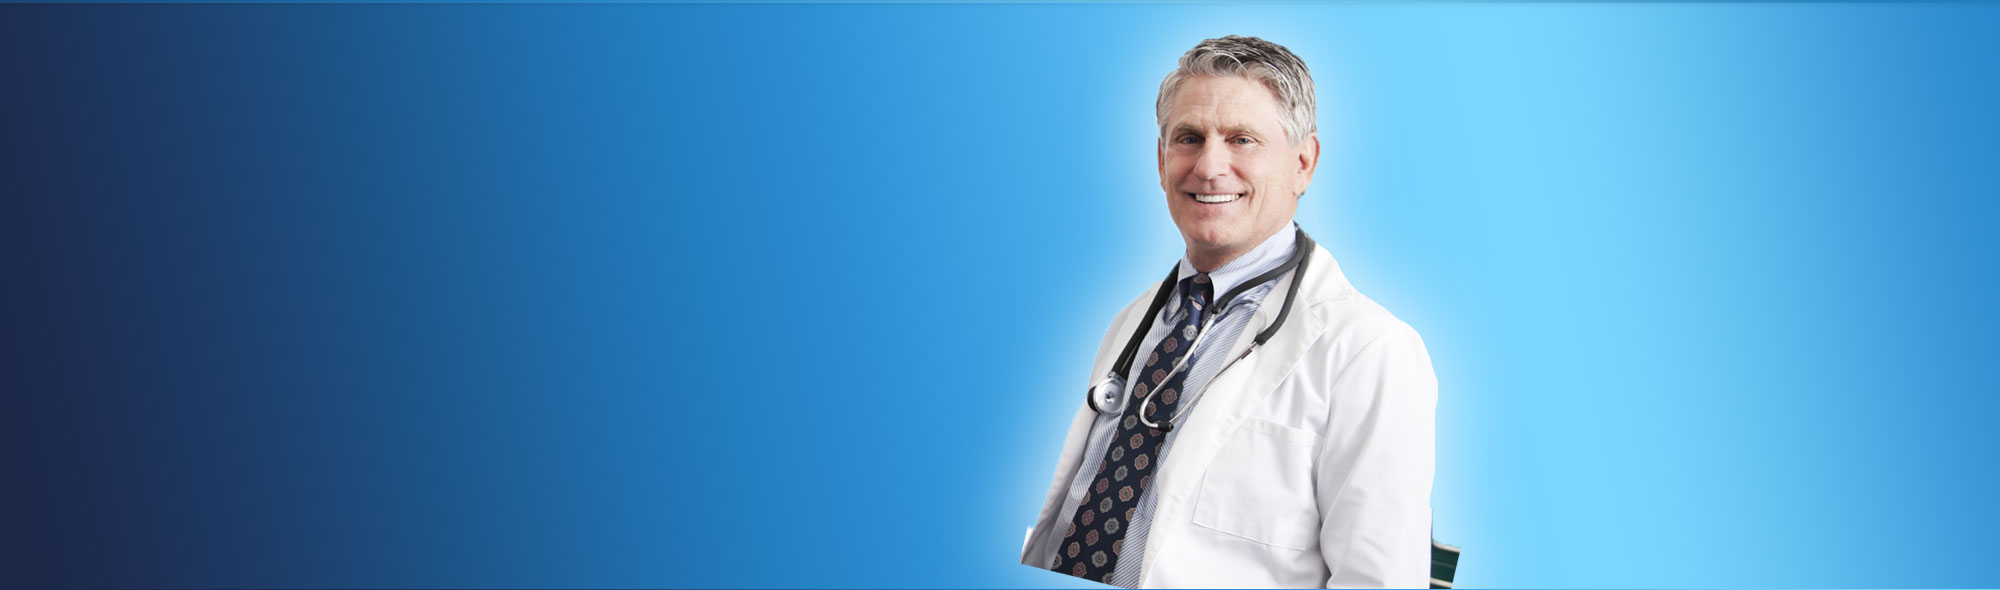 רופא תורן